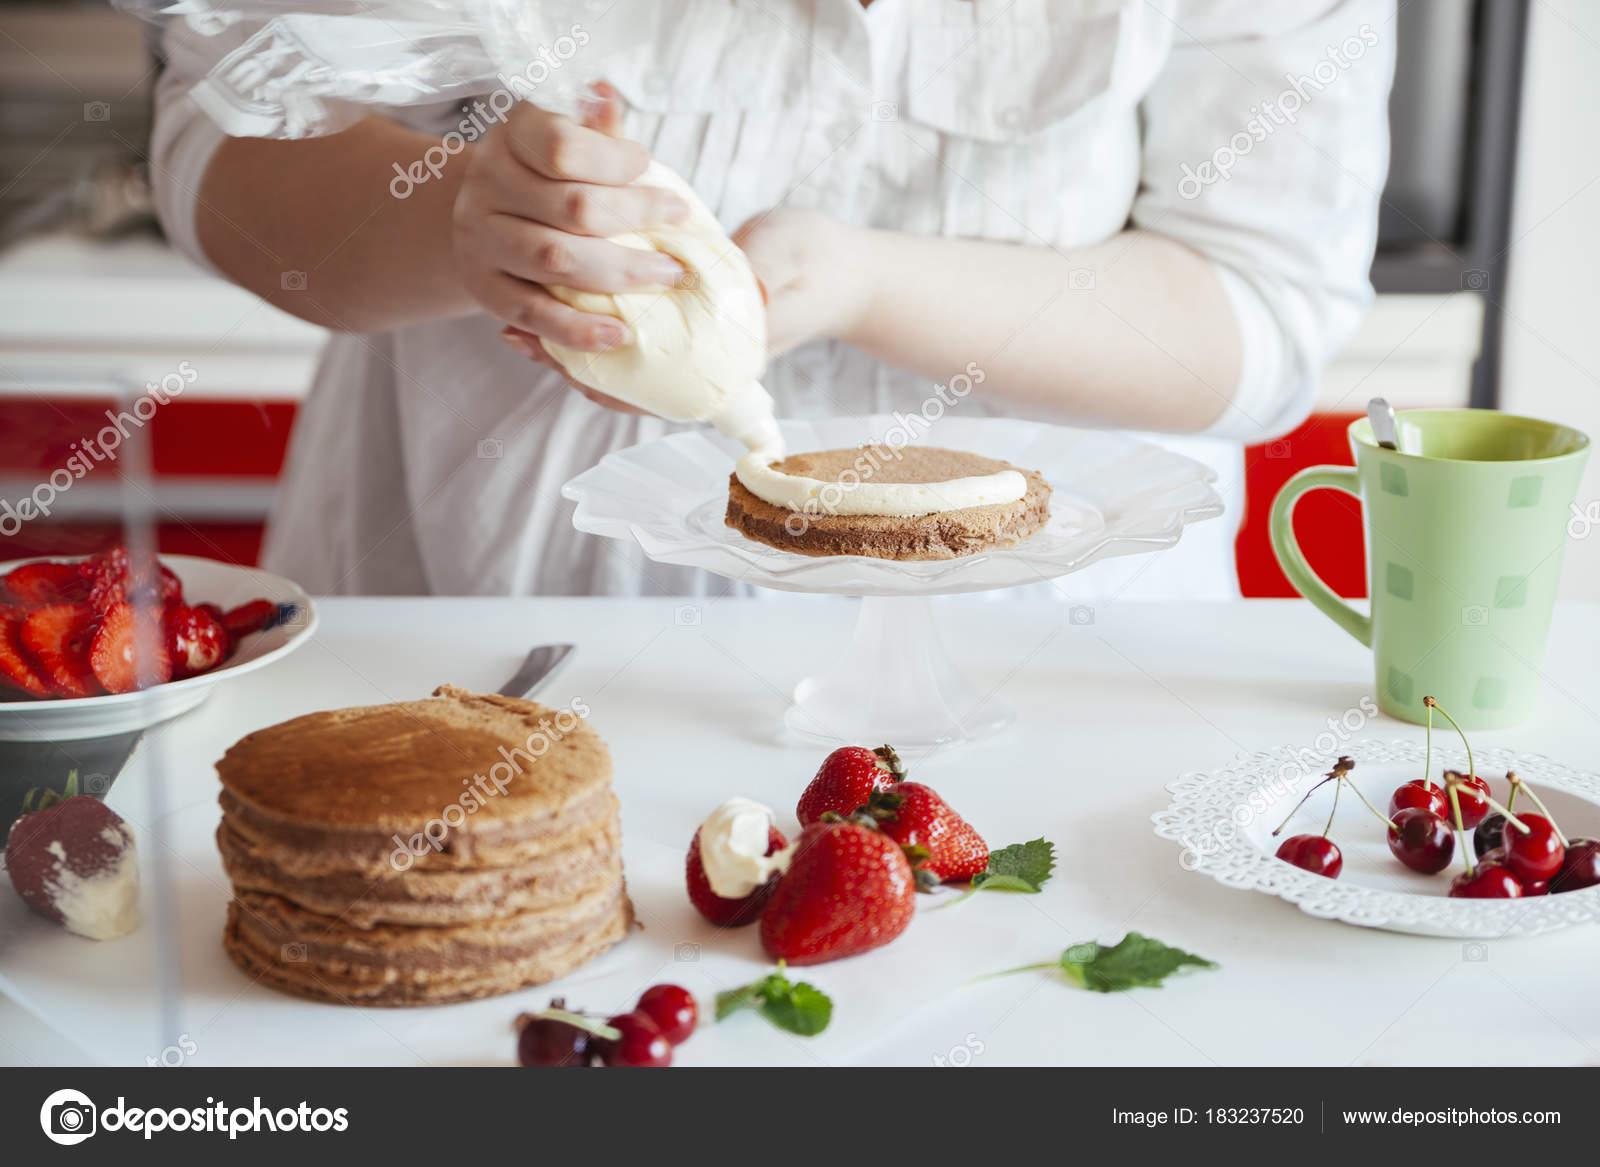 Woman Making The Naked Cake — Stock Photo © NatashaPhoto #183237520